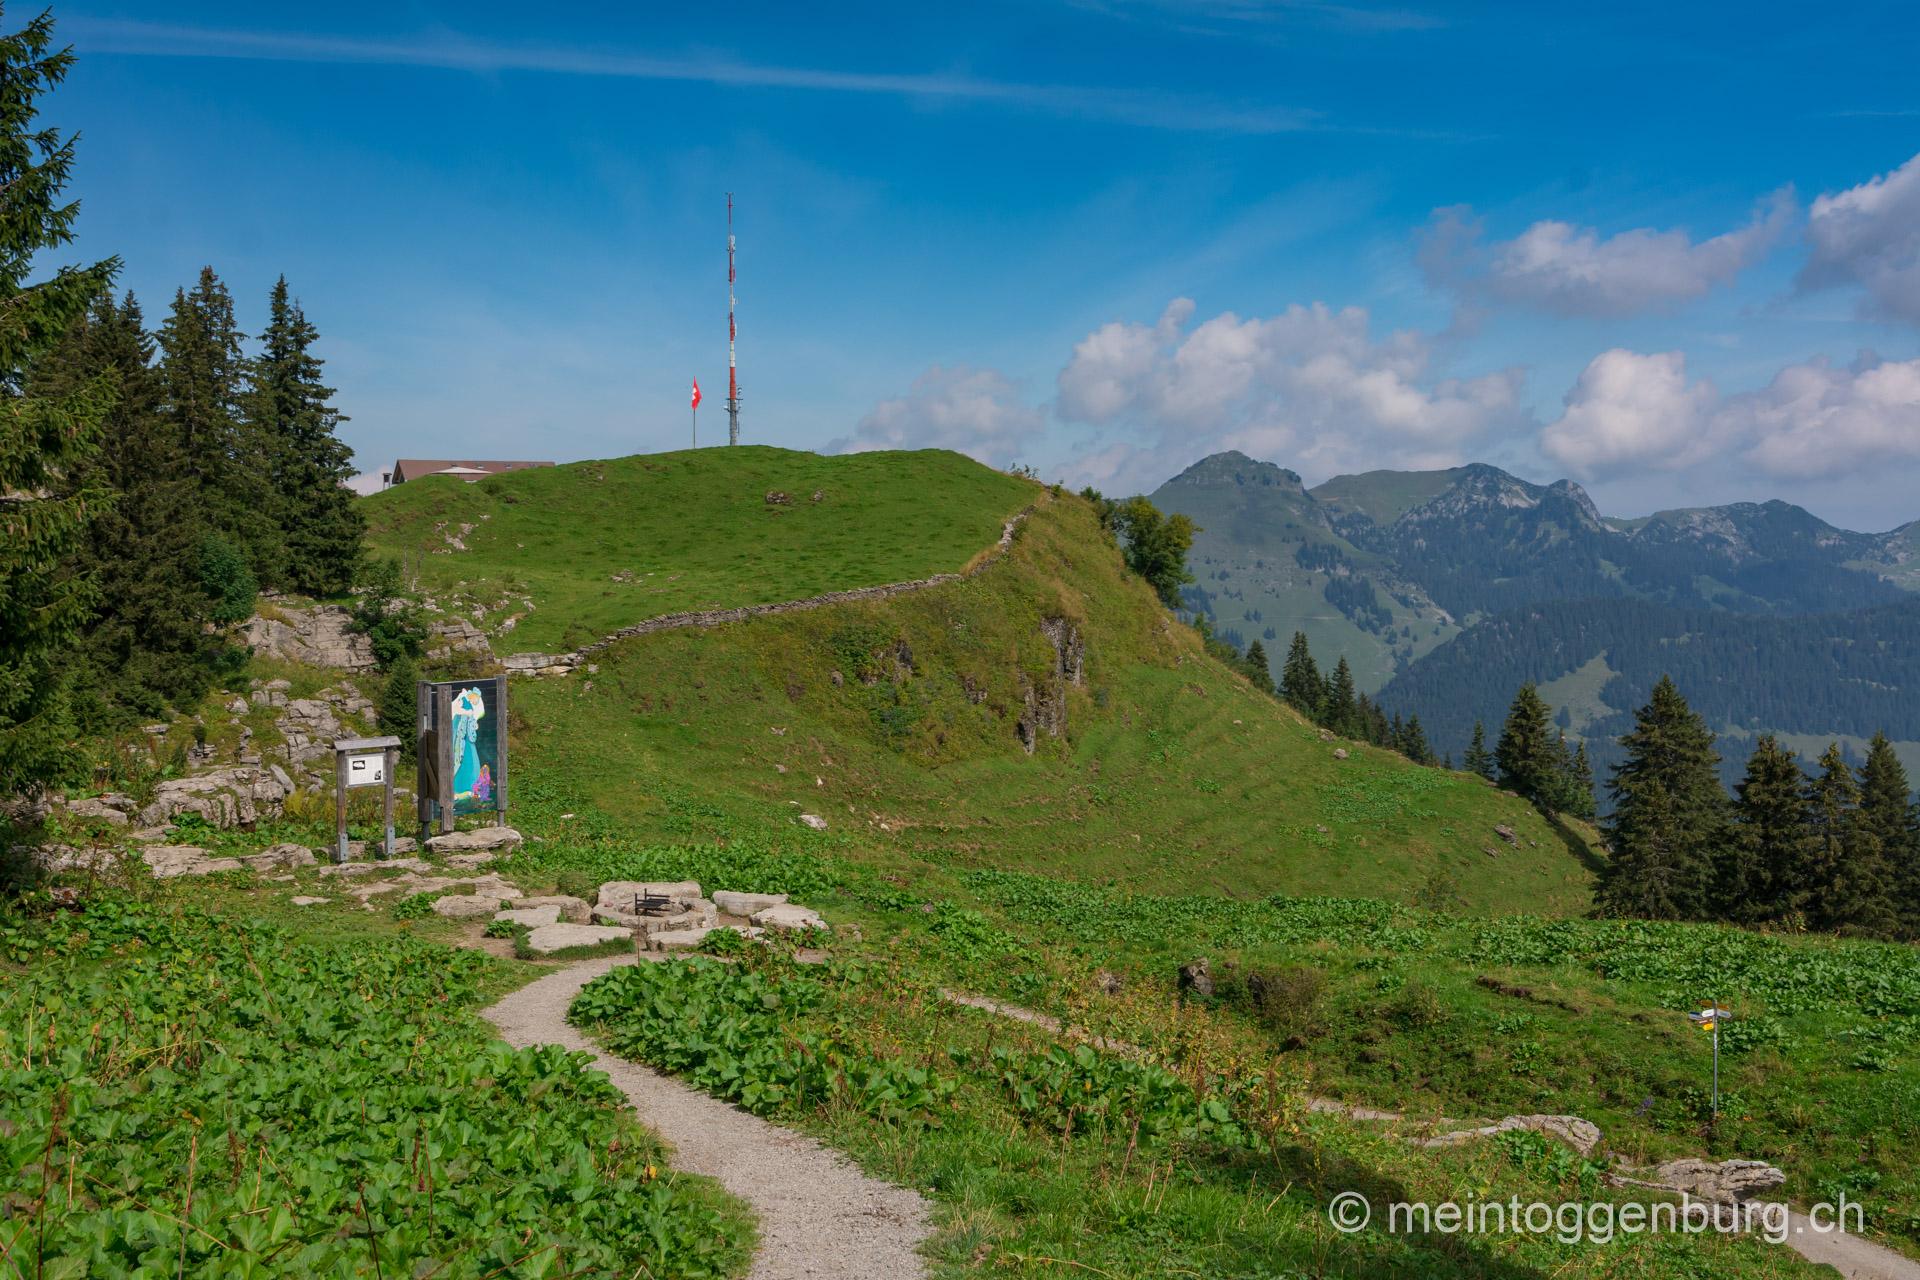 Toggenburger Sagenweg - Strichboden